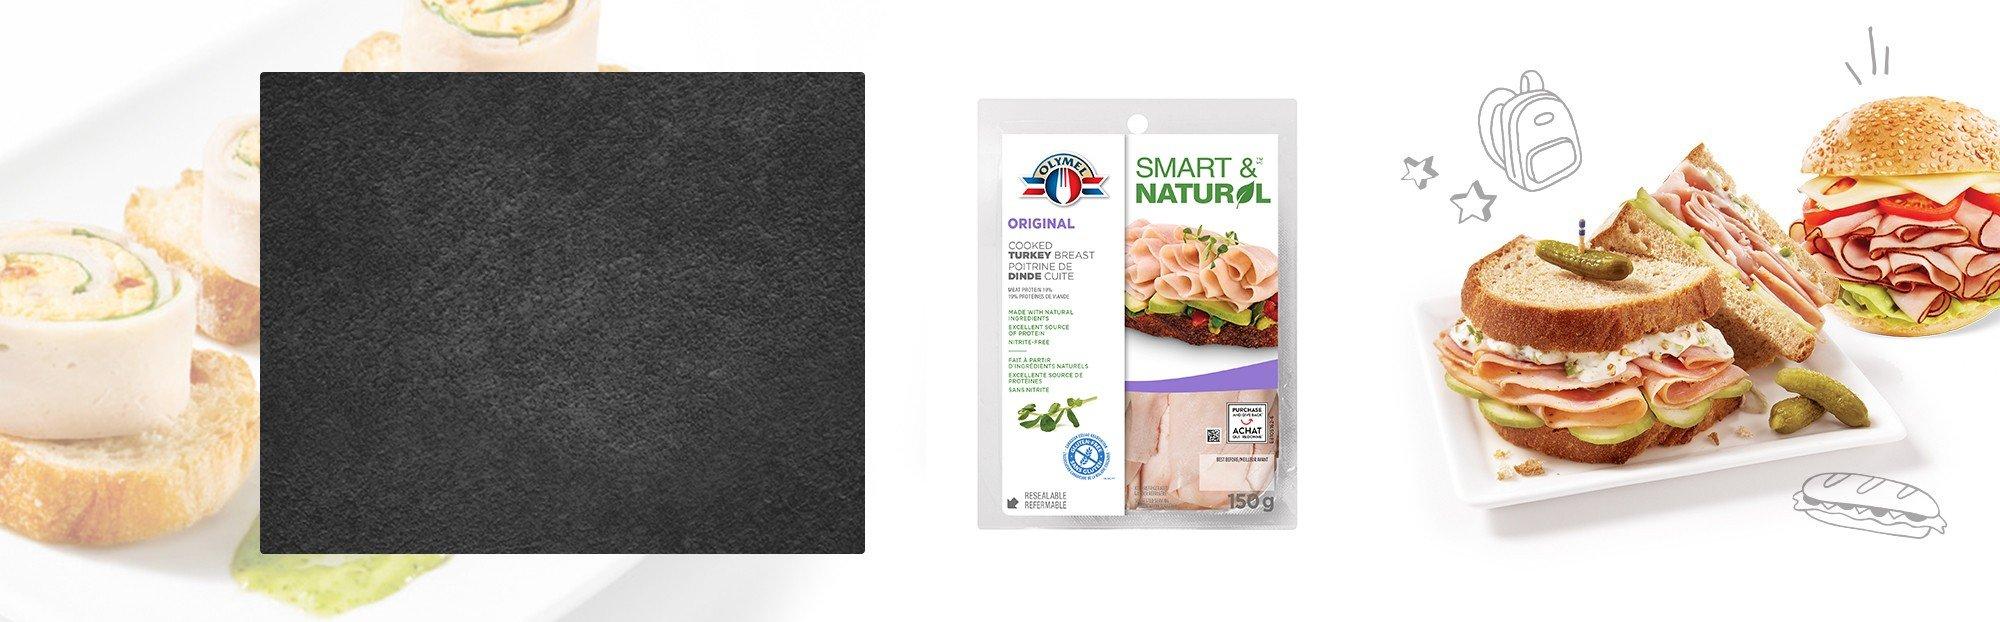 Poitrine de dindon cuite émincé Olymel Smart & Naturel